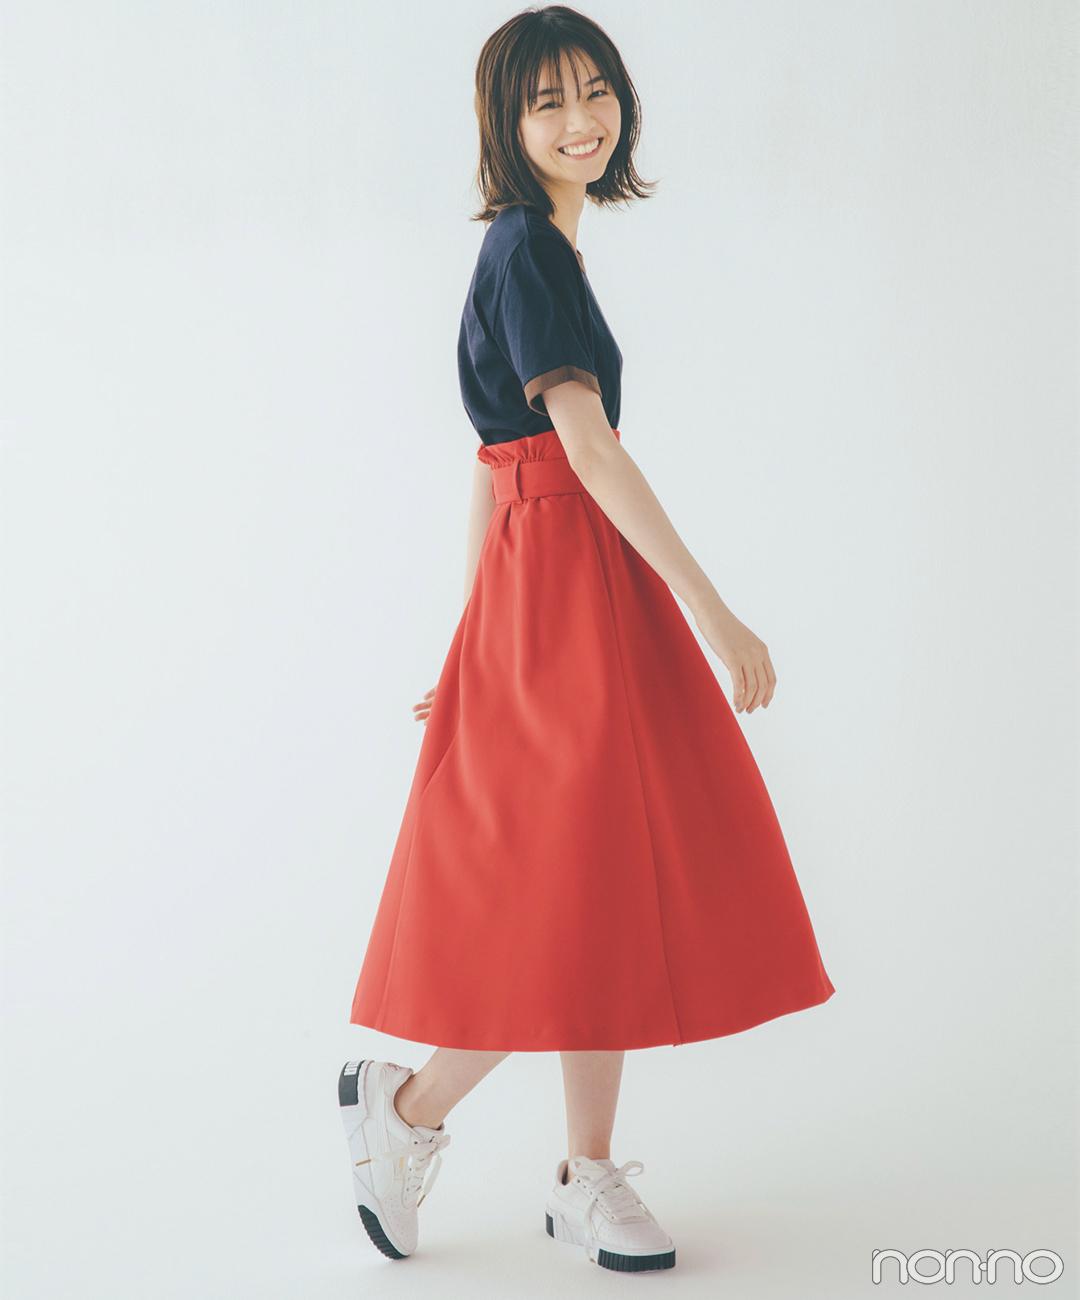 西野七瀬は赤のフレアスカートを主役にフレンチガール気分!【毎日コーデ】_1_1